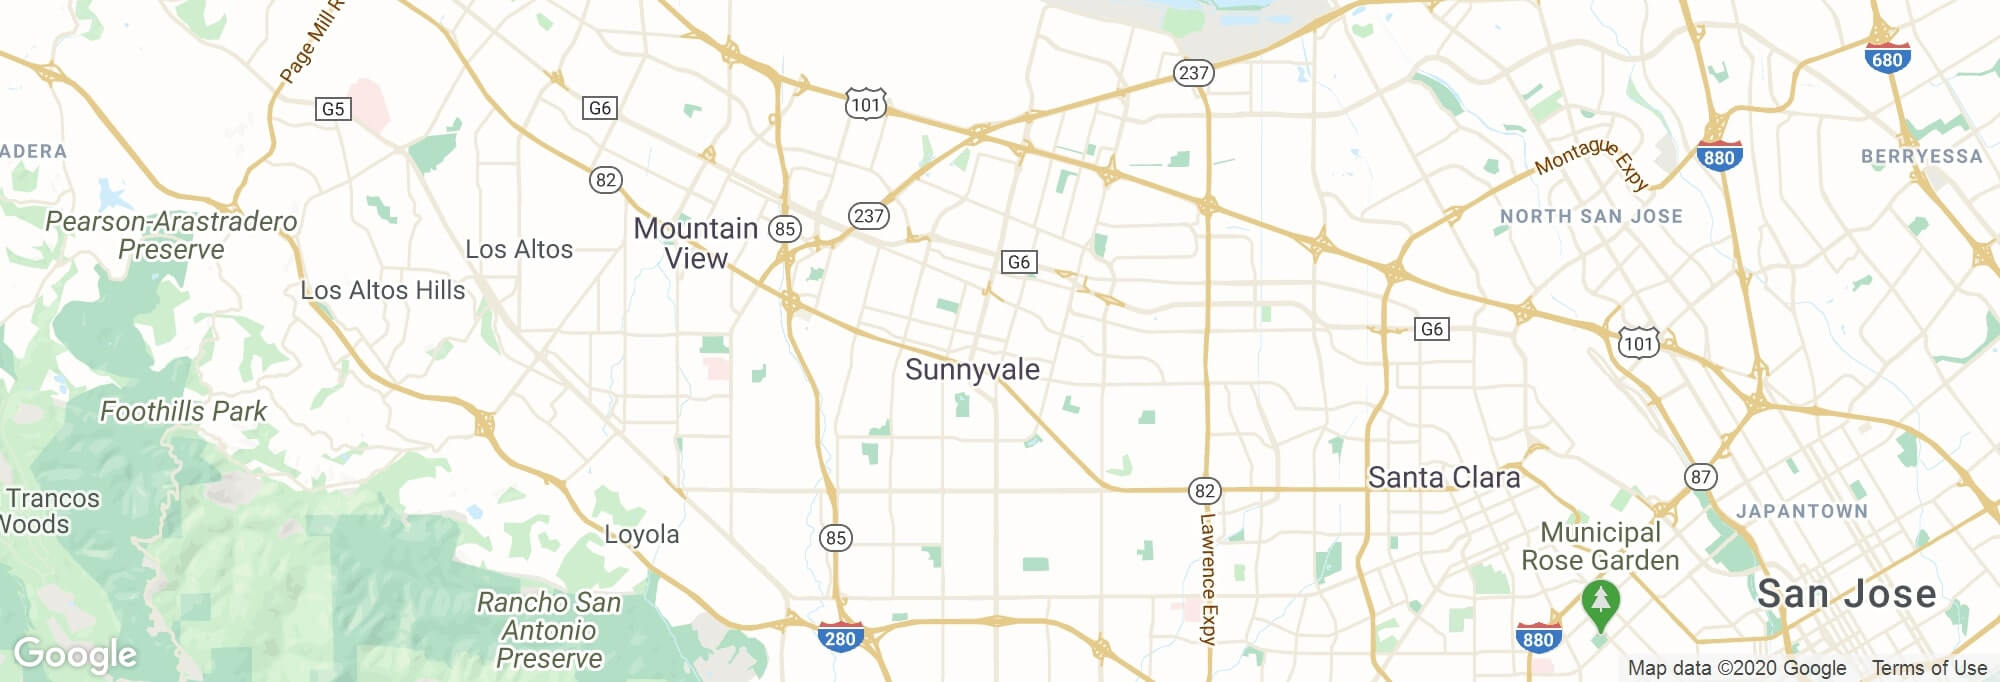 Sunnyvale city map